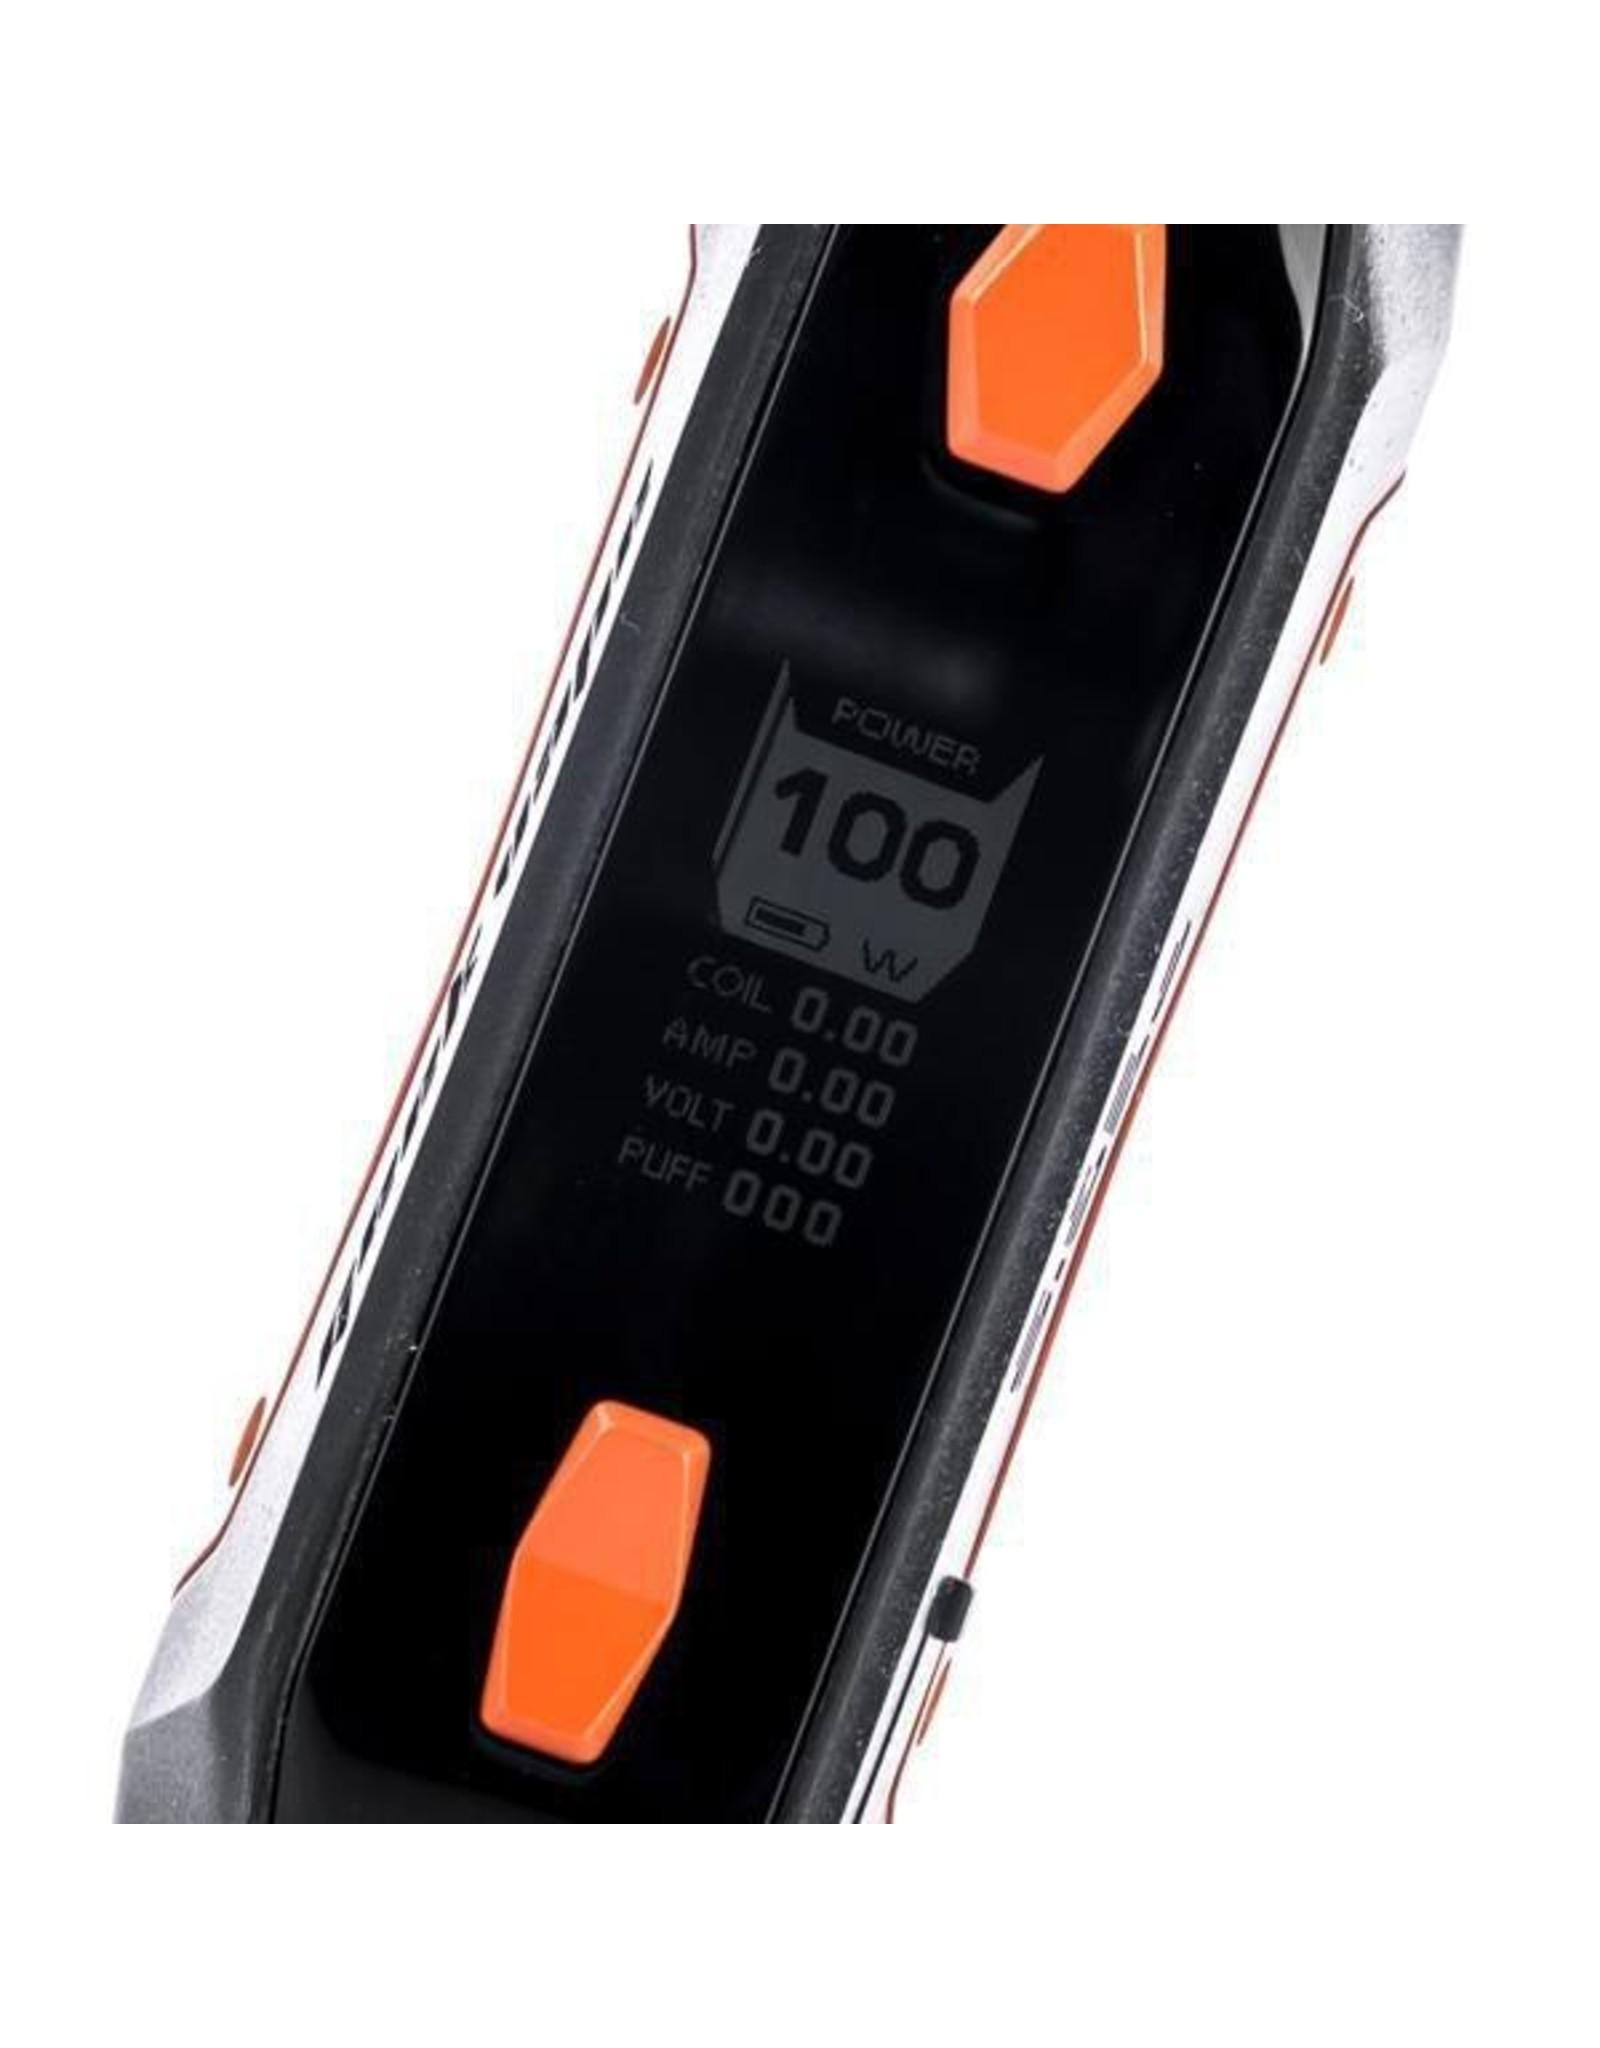 Geek Vape Geekvape Aegis Solo 100W Starter Kit (2ml)